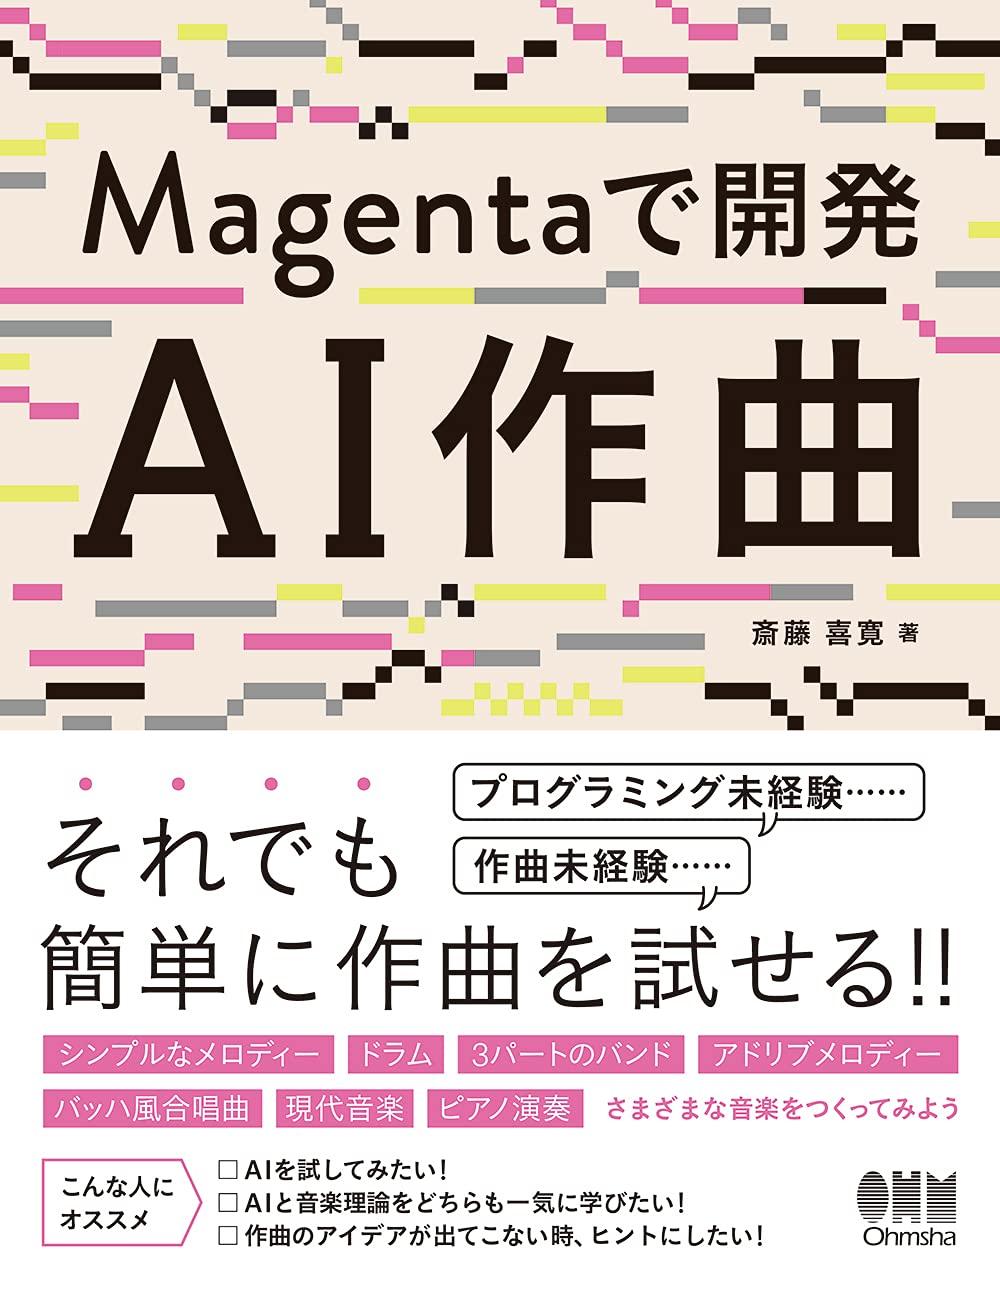 Magentaで開発 AI作曲